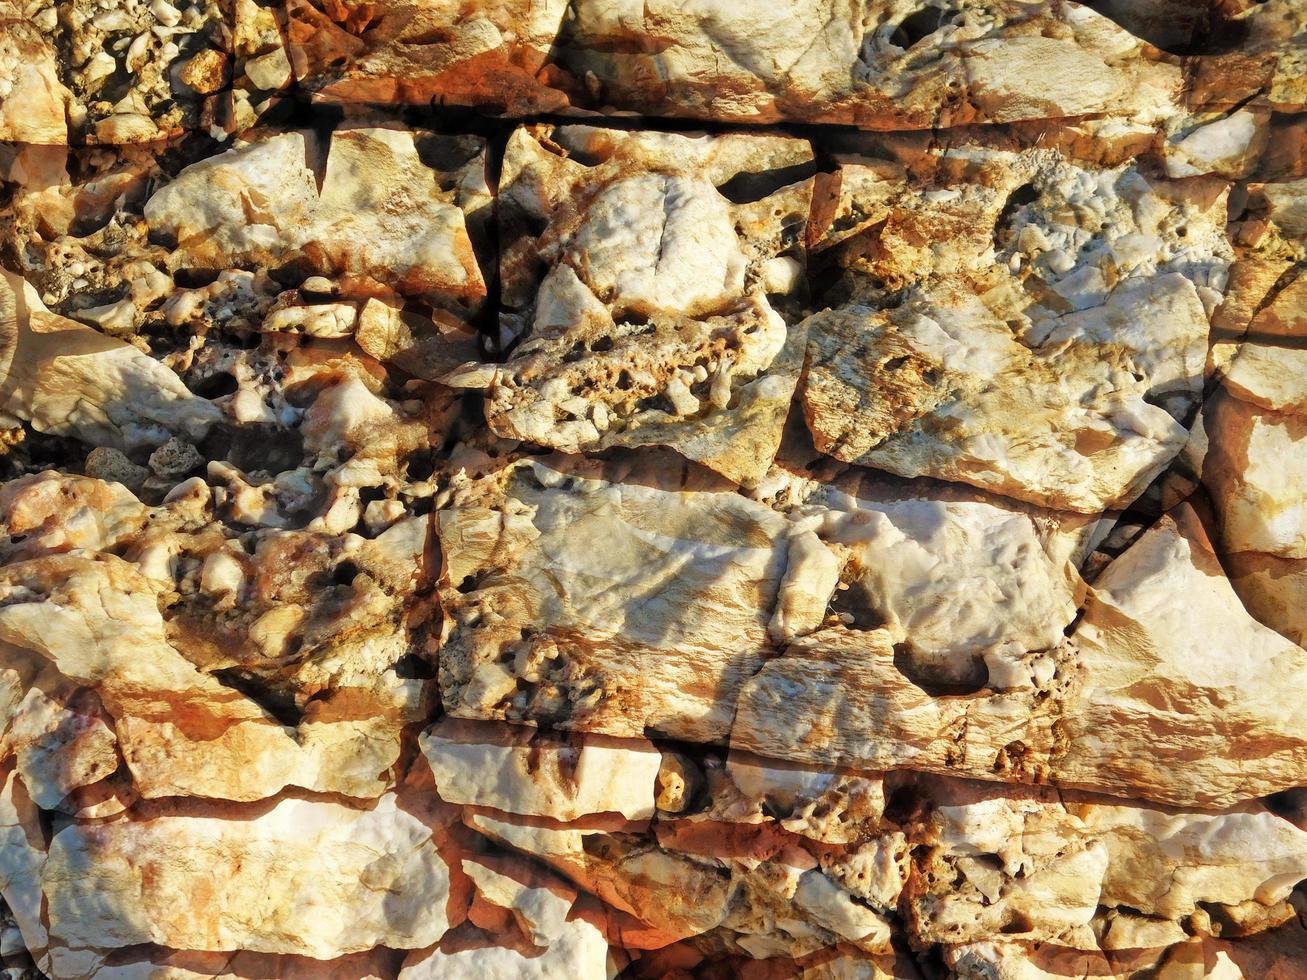 Détail du mur de pierre extérieur pour le fond ou la texture photo